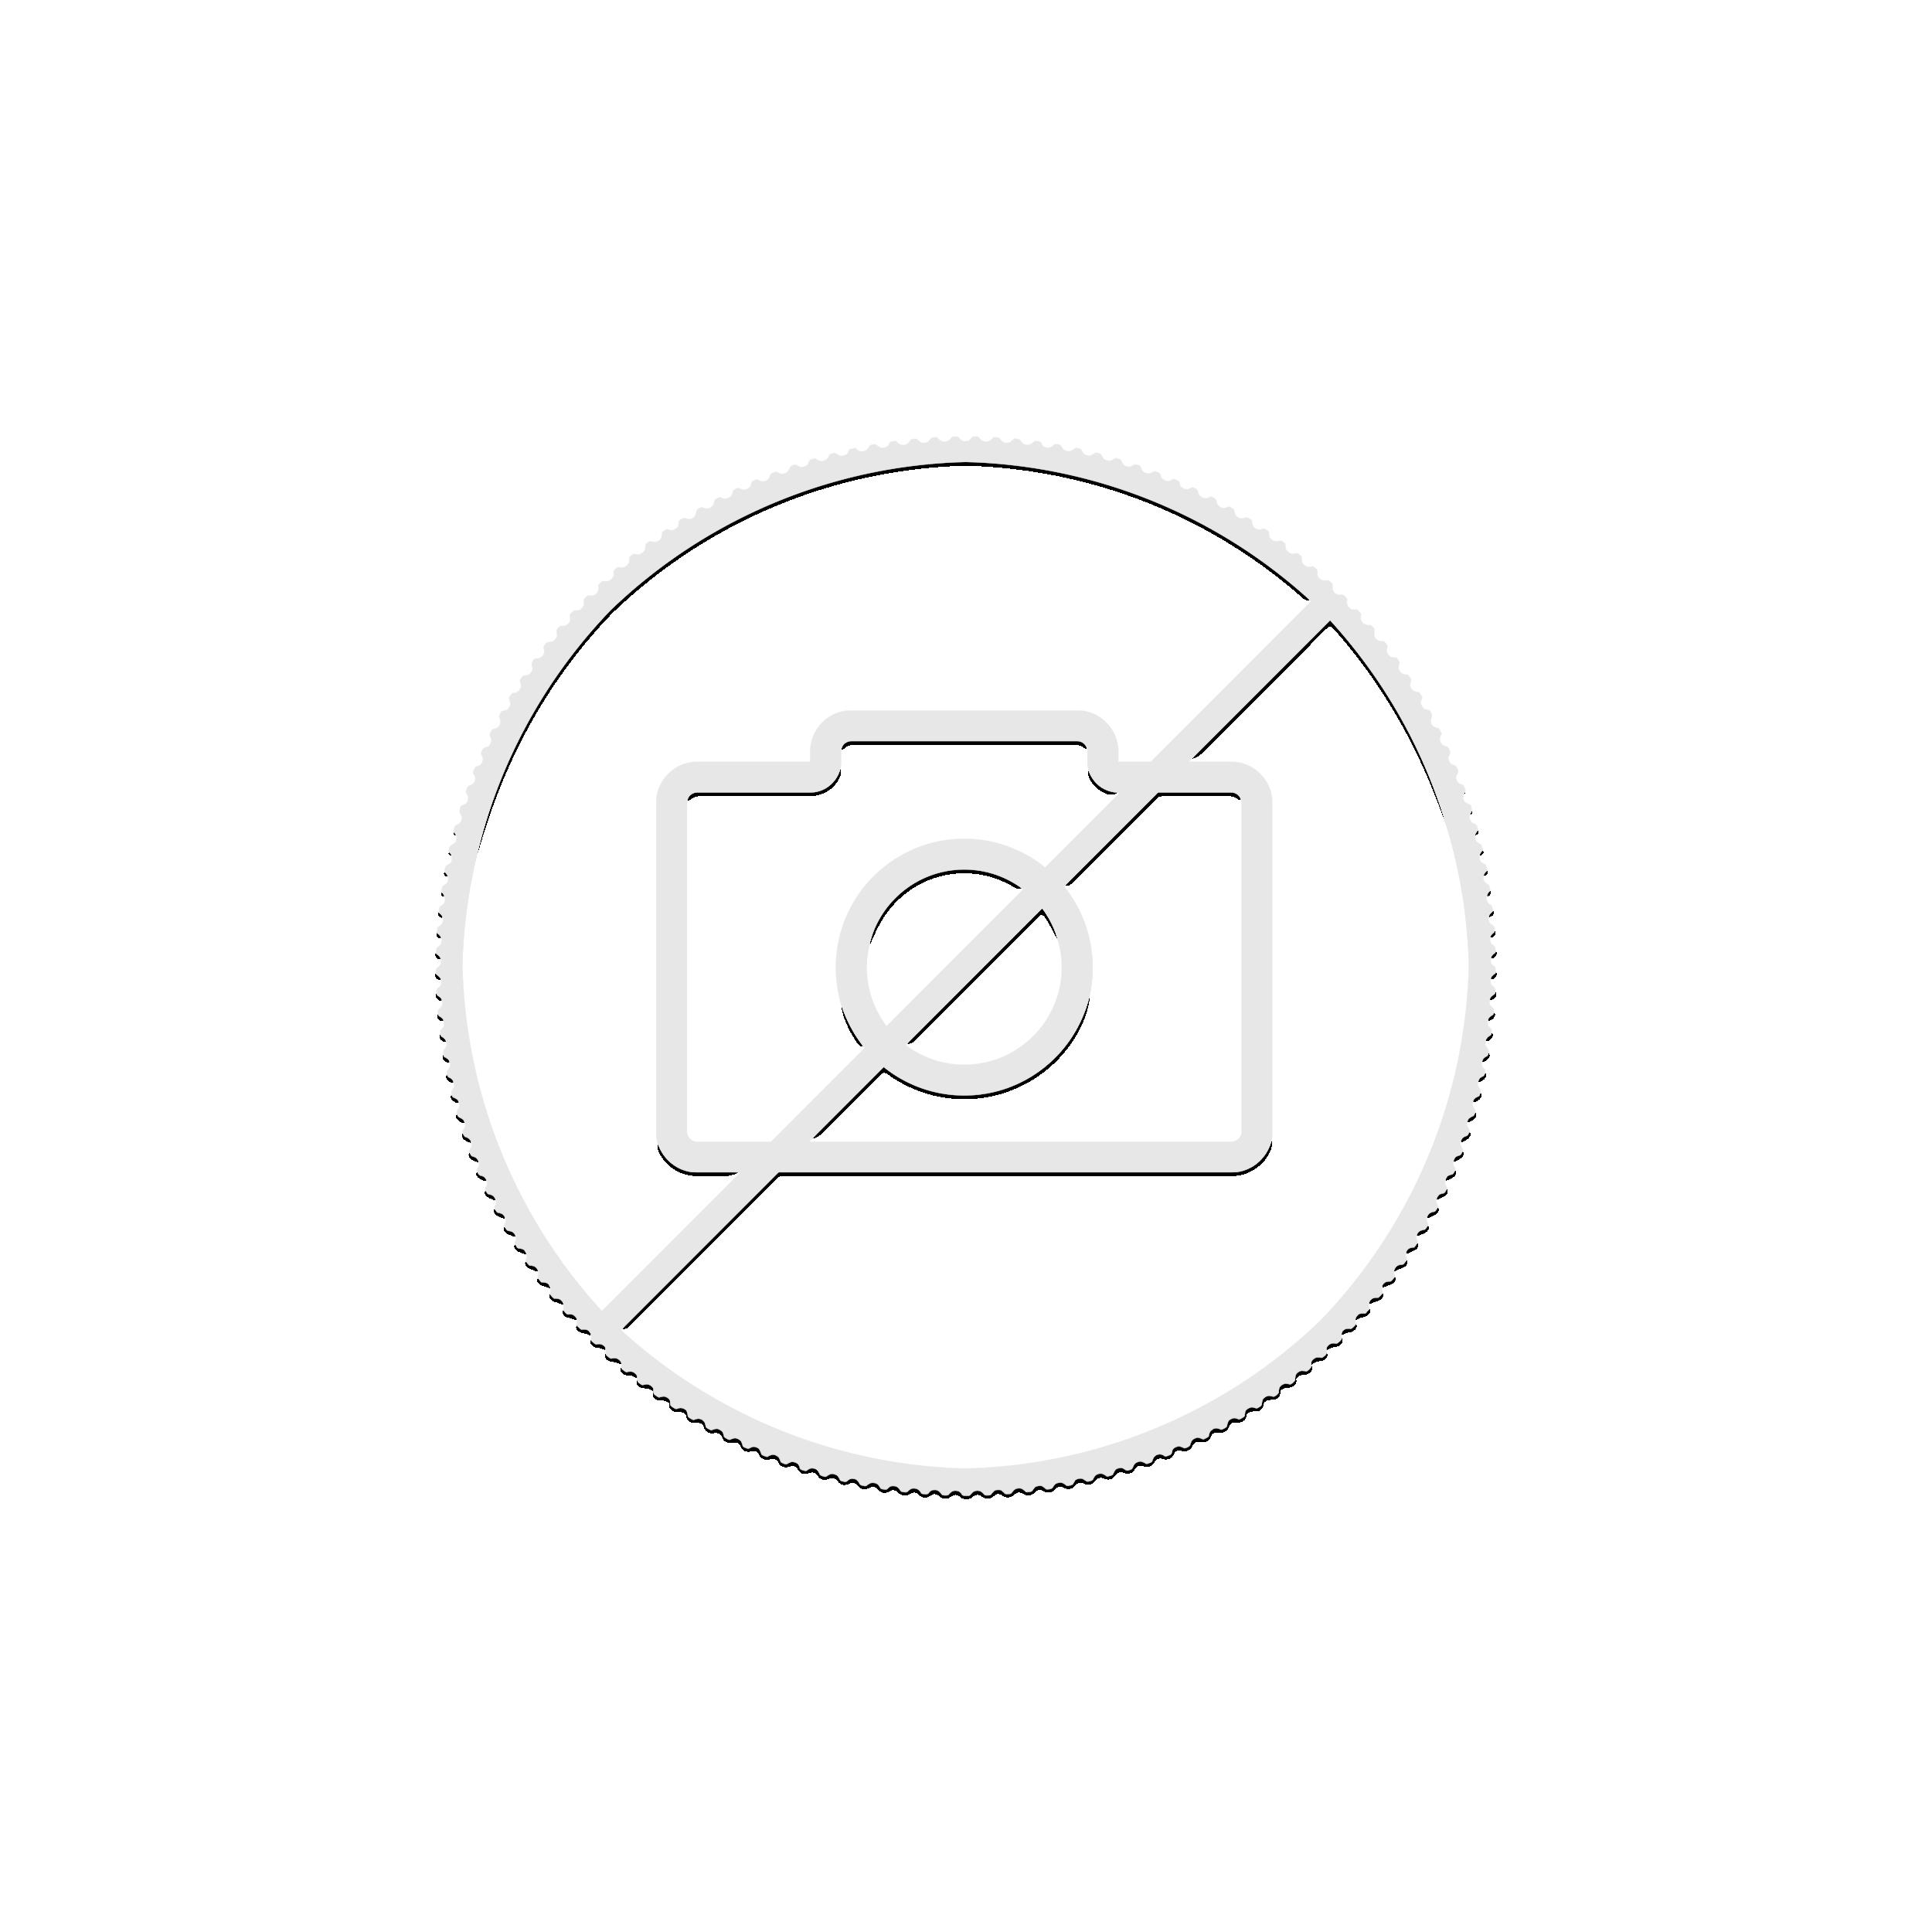 2 troy ounce zilveren munt Albrecht Dürer 2021